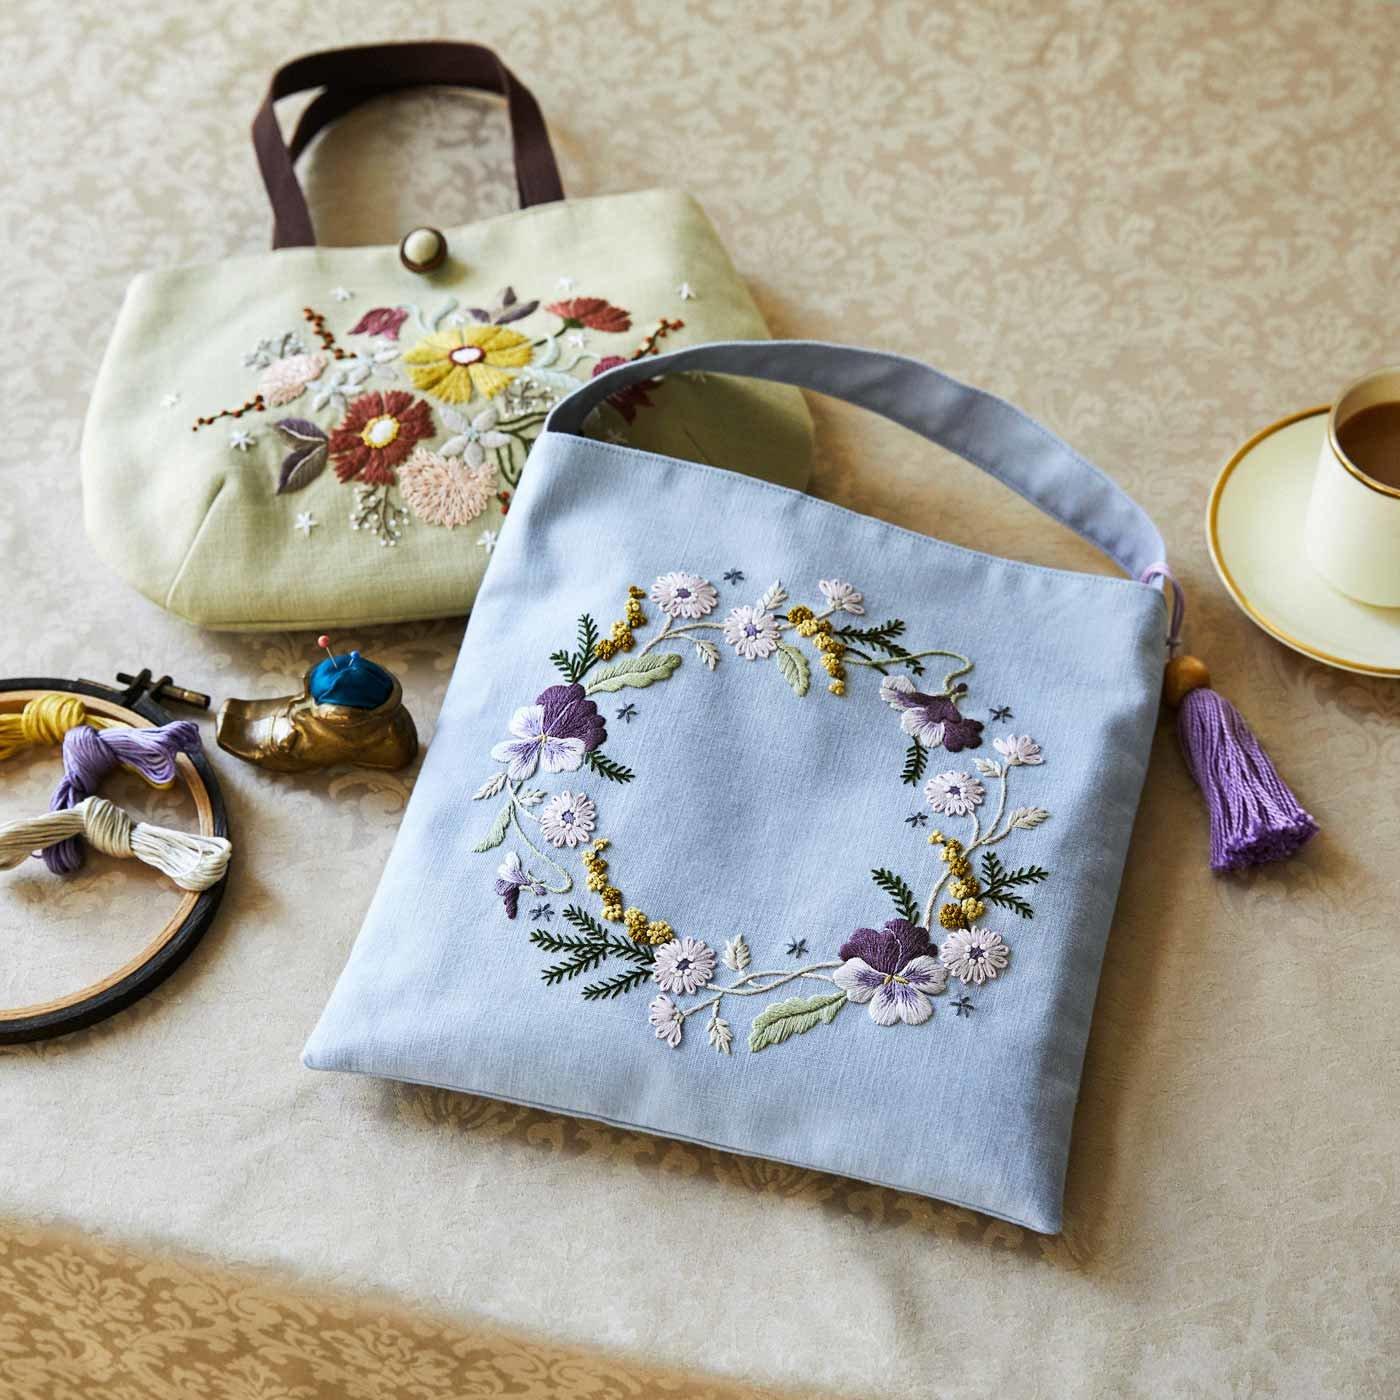 【クチュリエクラブ会員限定】可憐な花々を集めて ふだん着に華やぎを添える 蓬? 和歌子さんの刺しゅうバッグの会